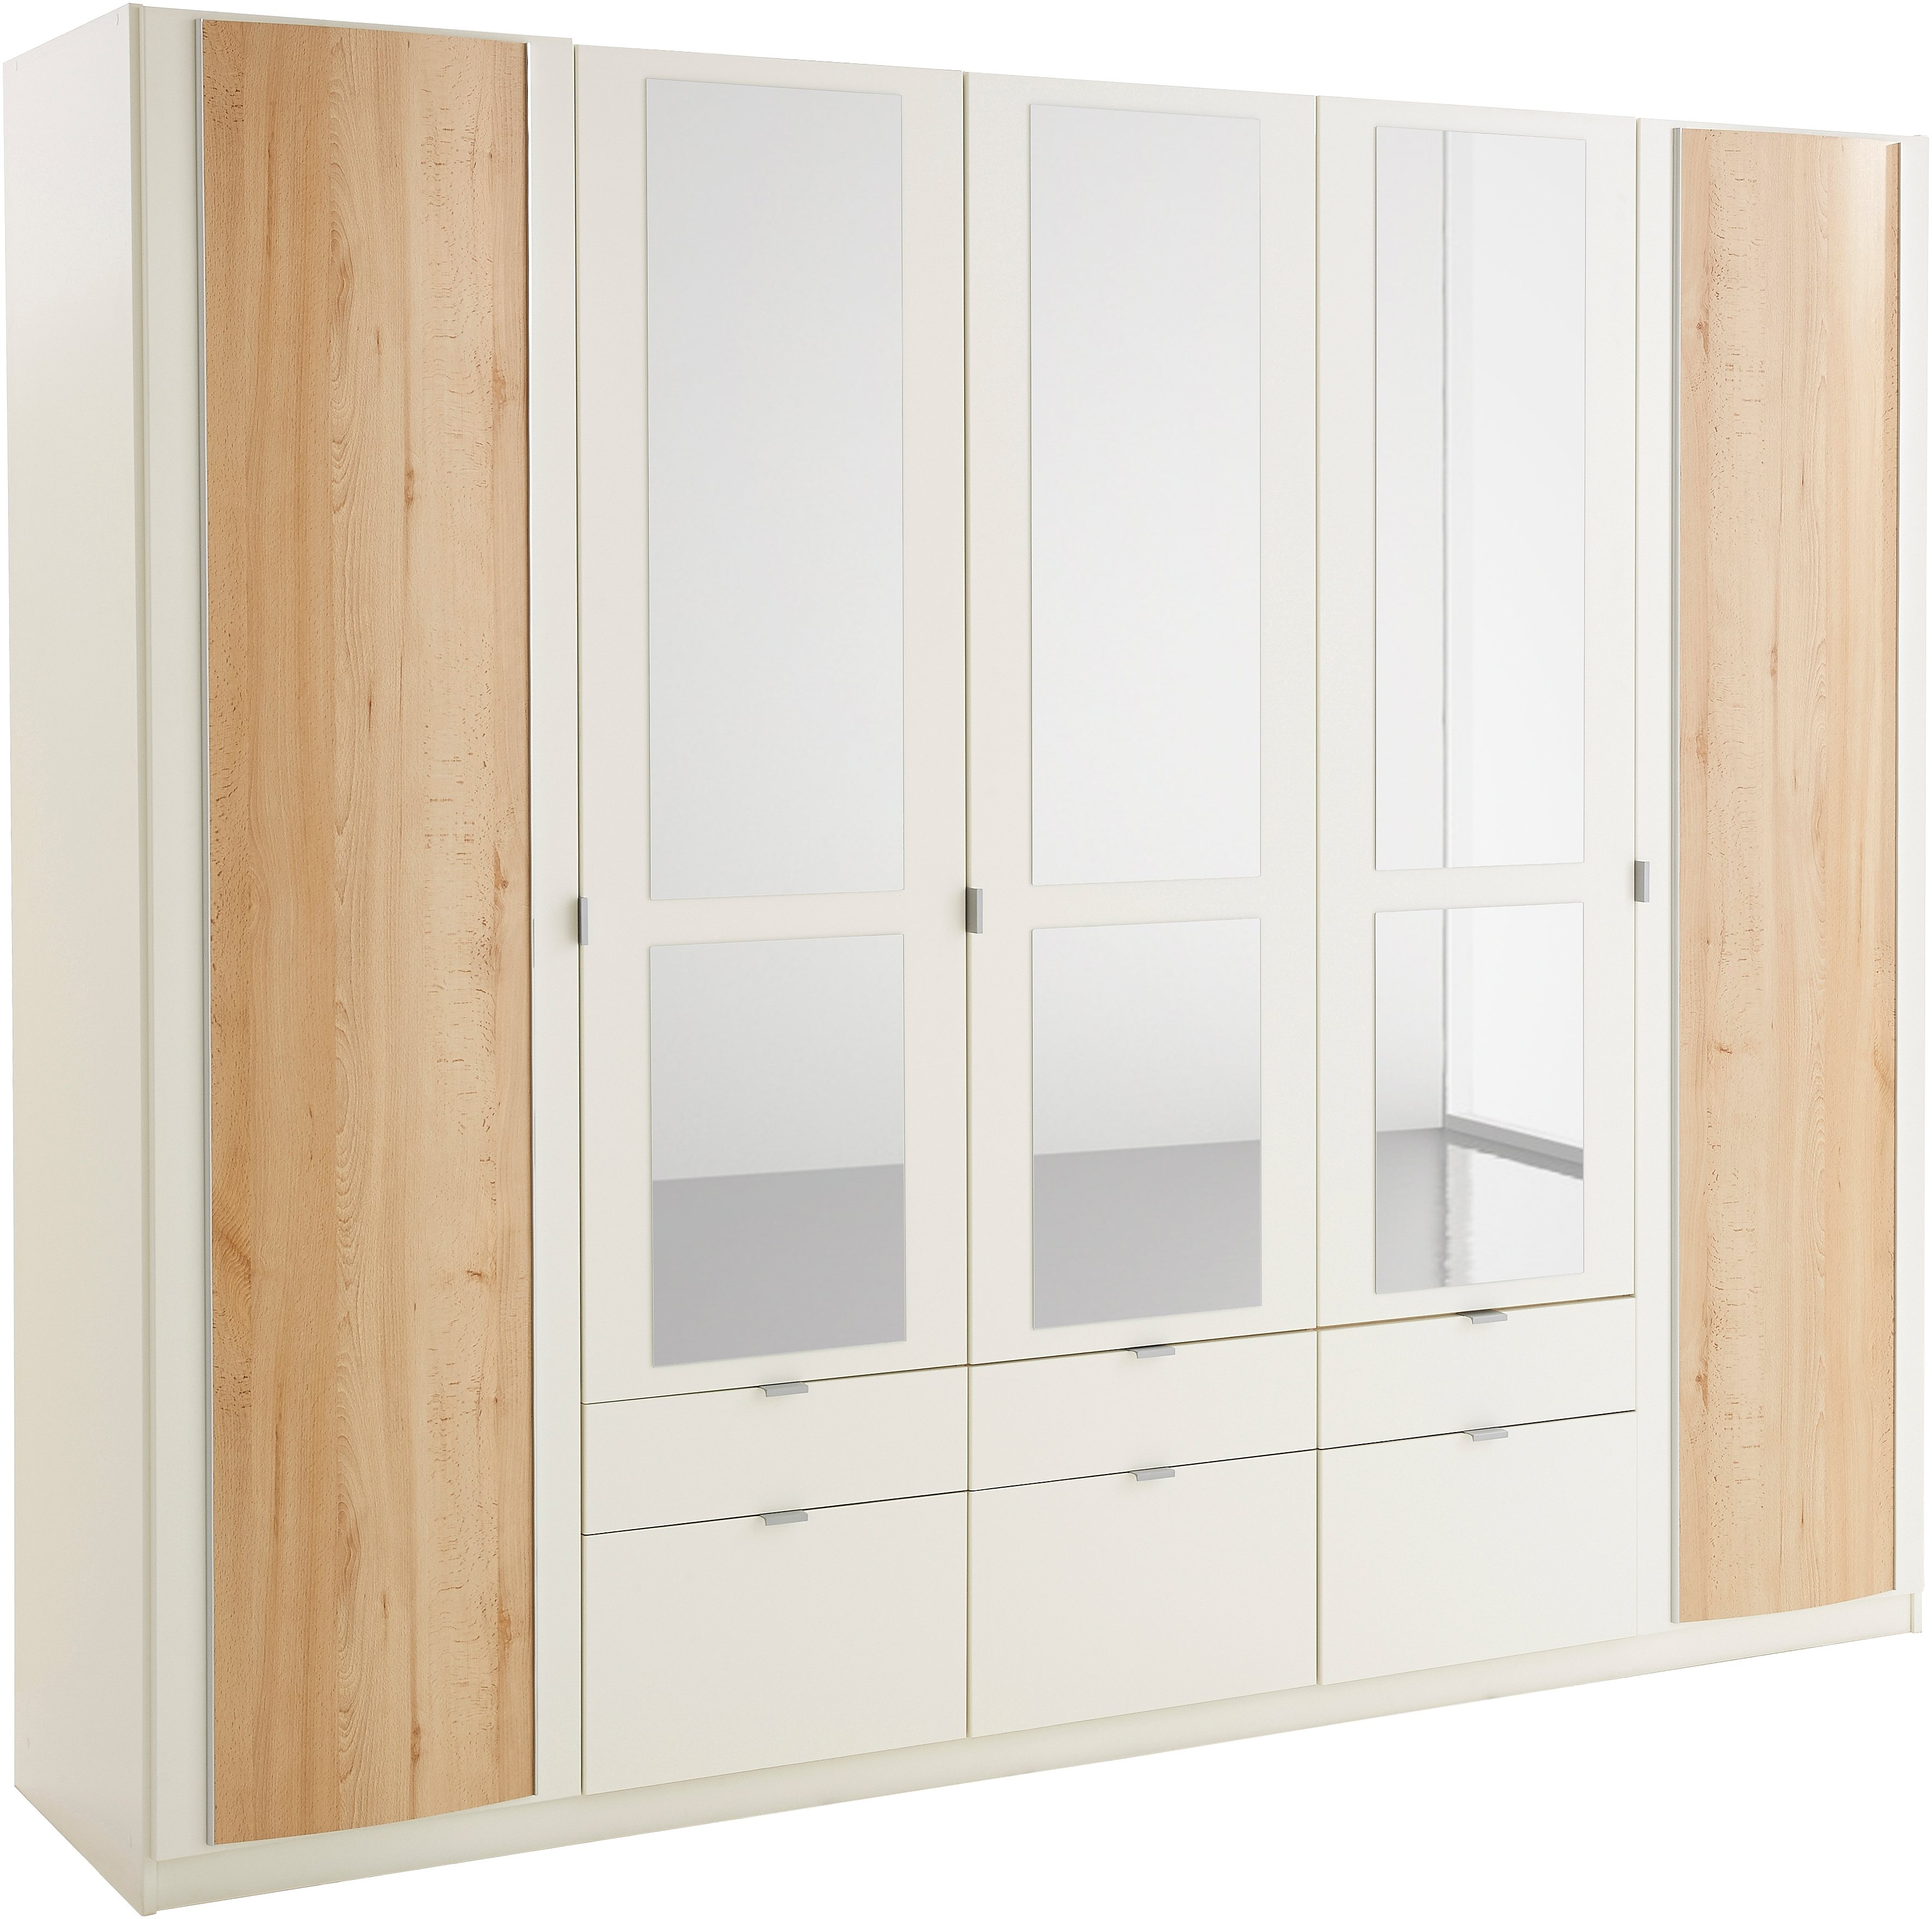 Kleiderschrank | Schlafzimmer > Kleiderschränke > Drehtürenschränke | Weiß